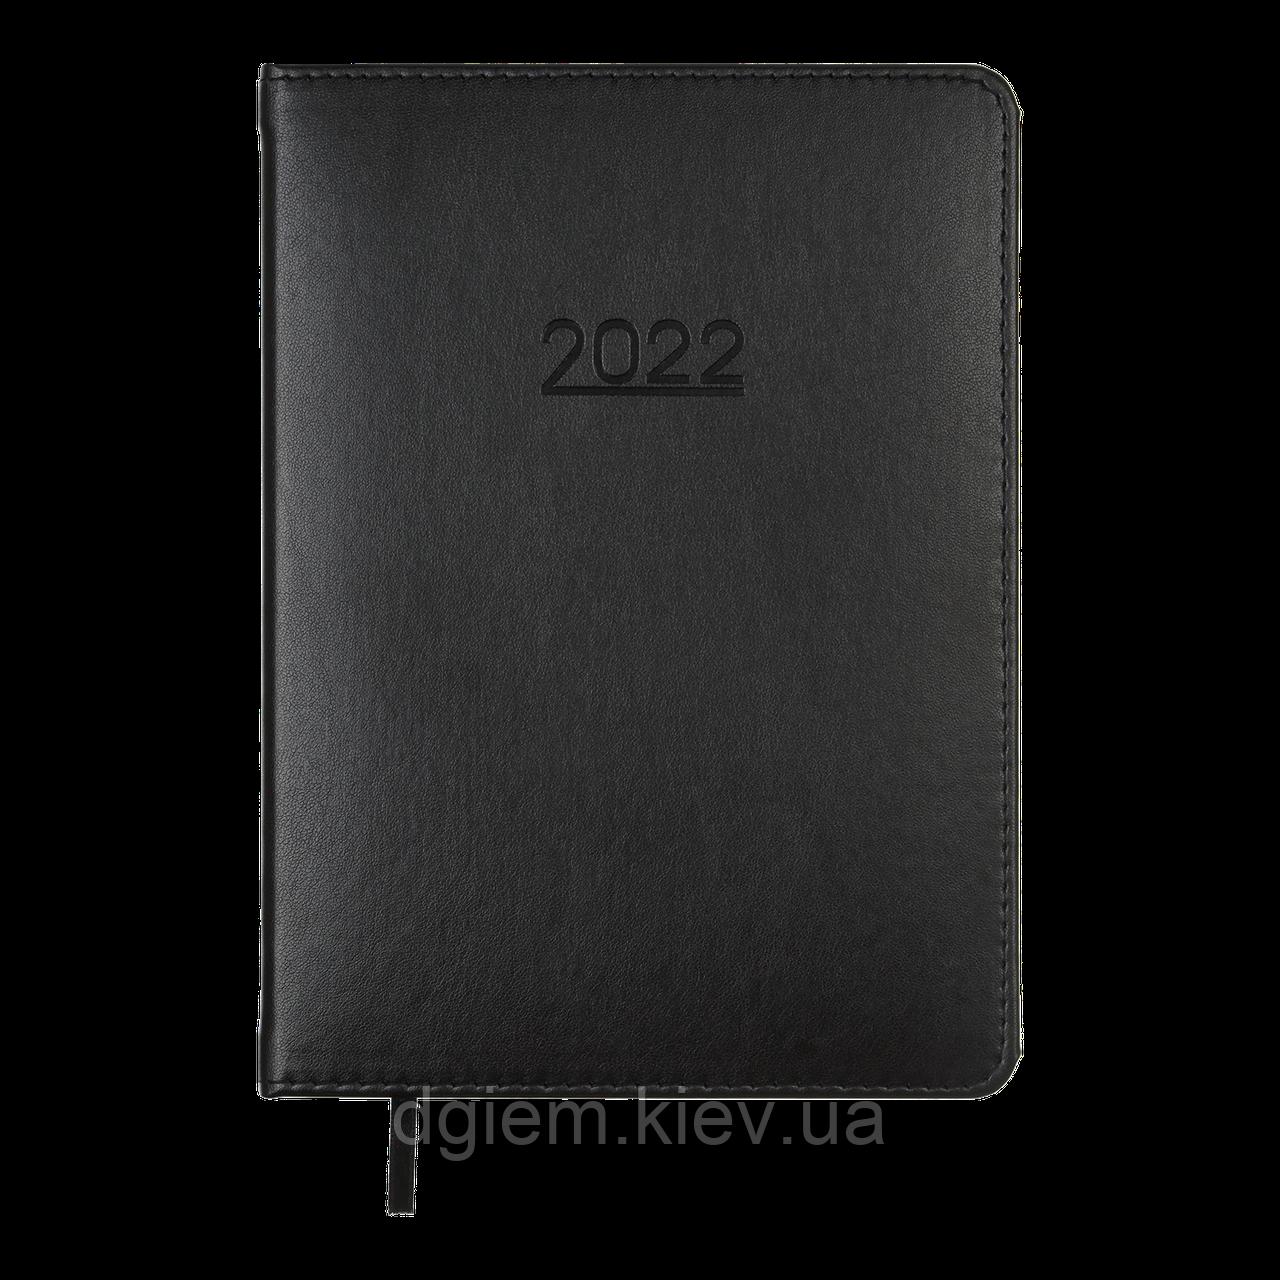 Ежедневник датированный 2022 PRIME A5